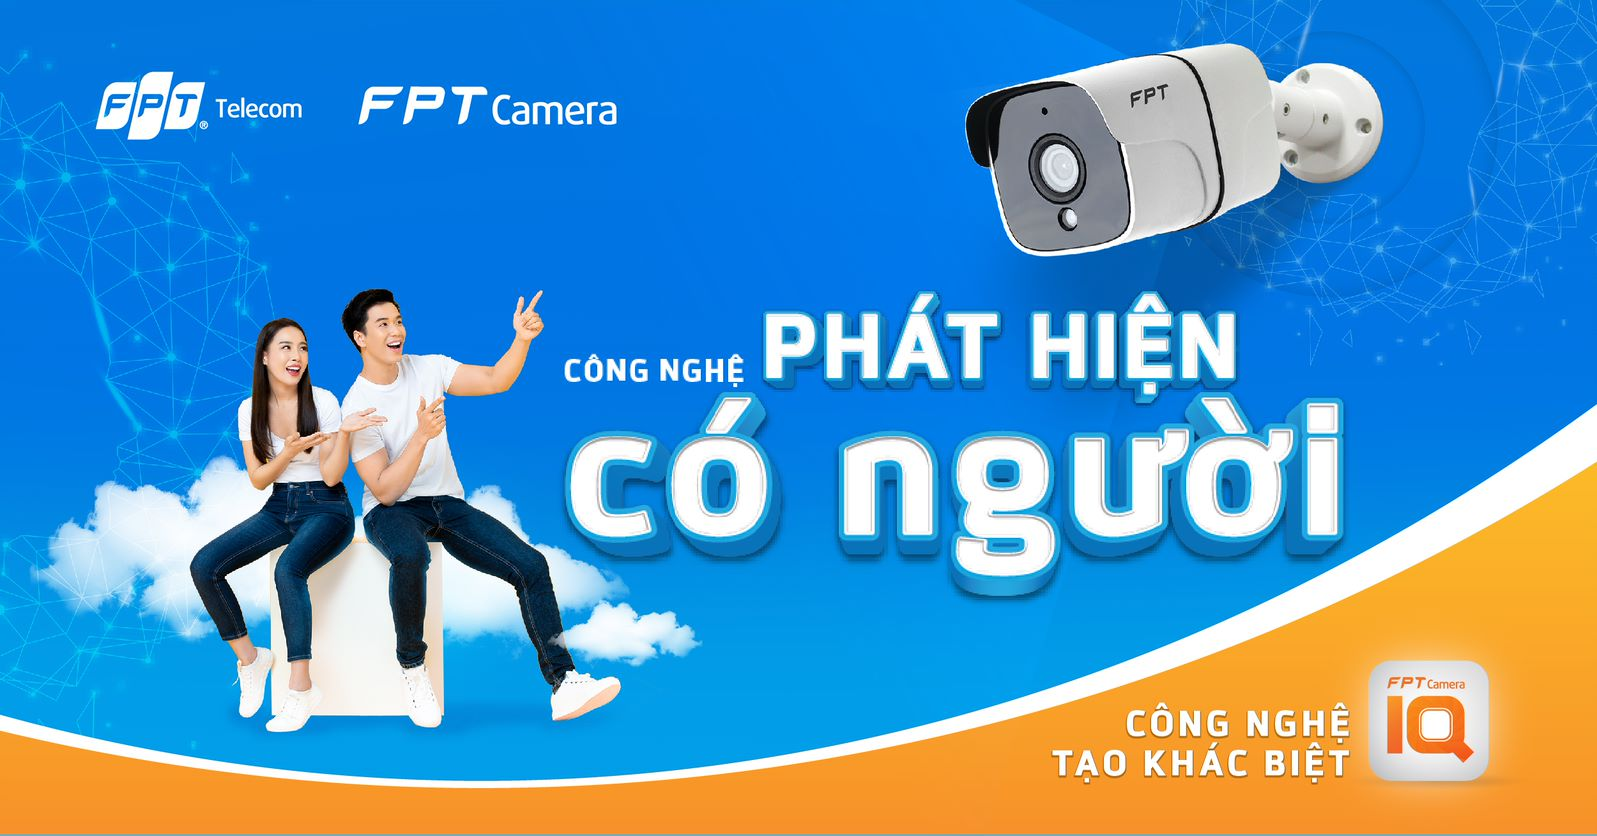 FPT Camera IQ - Nhận diện thông minh - PHÁT HIỆN CÓ NGƯỜI